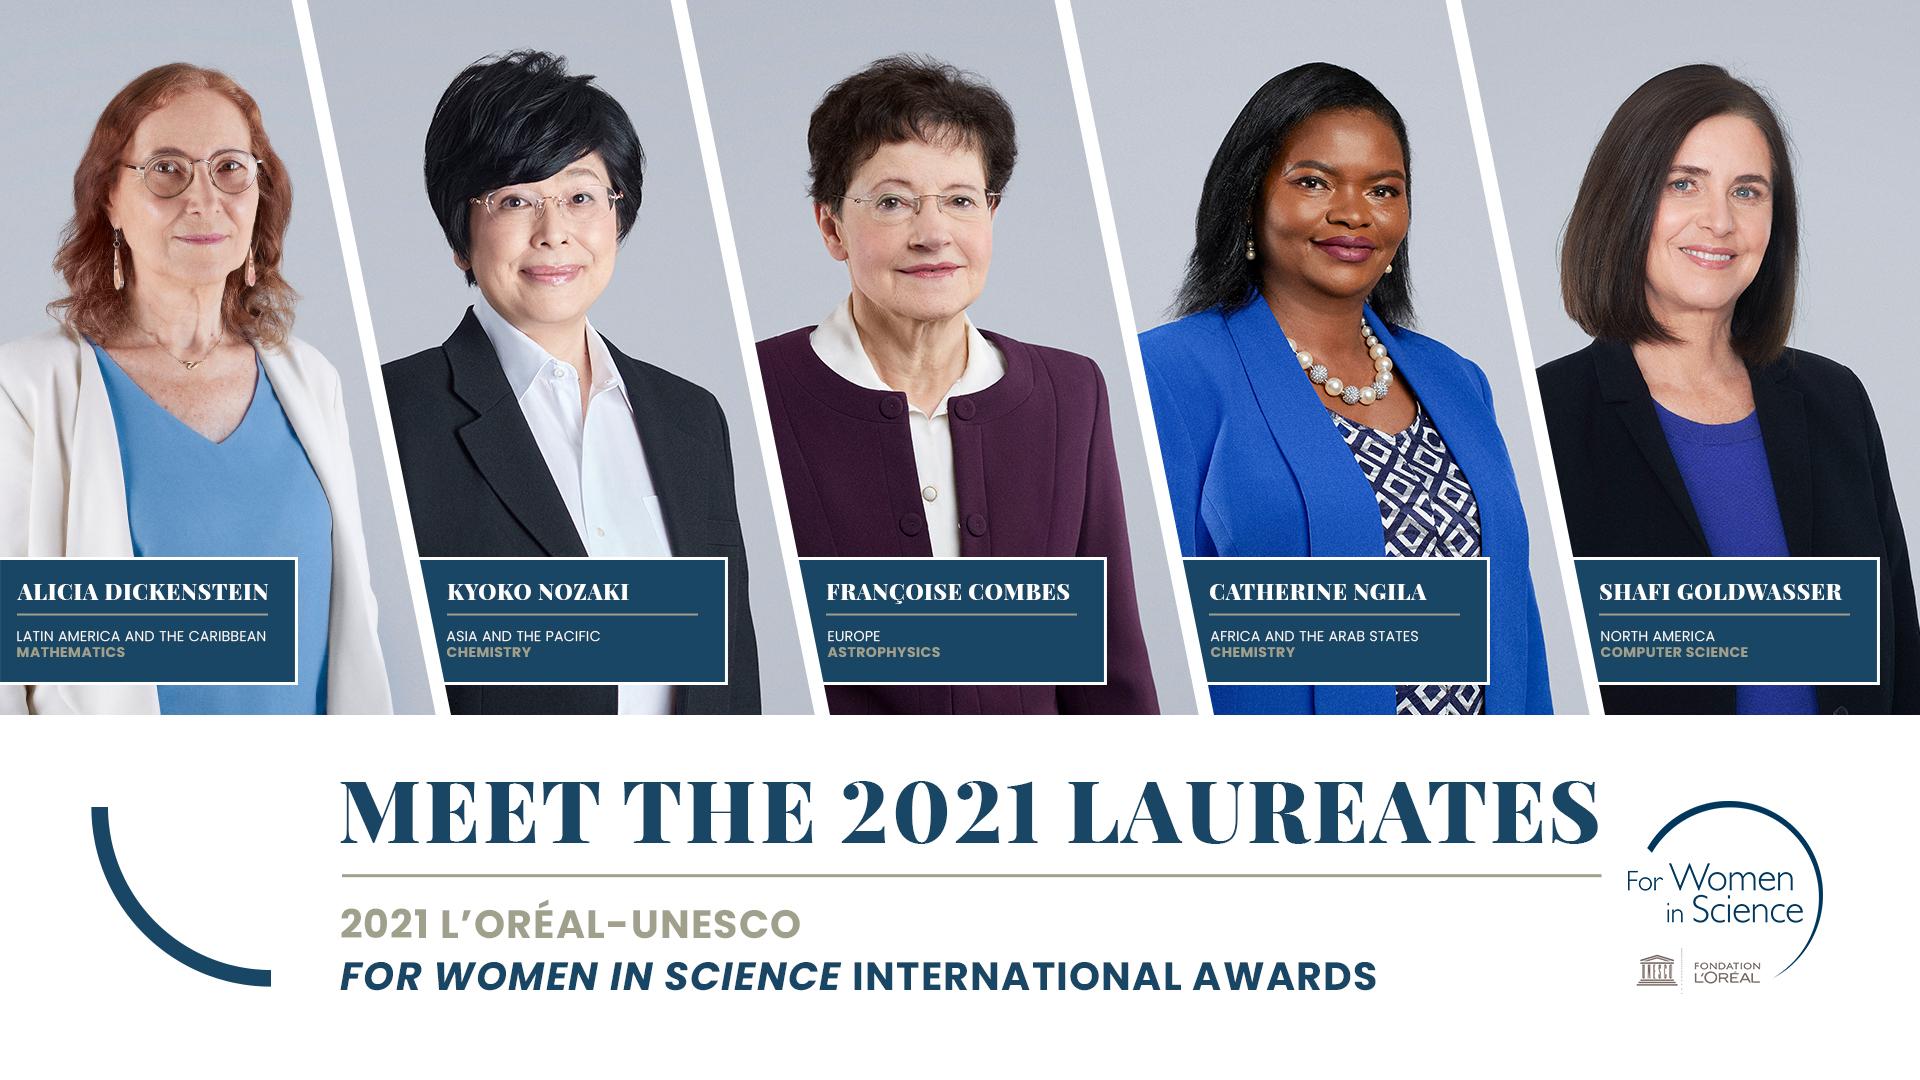 Представляем лауреатов Международной премии «Для женщин в науке» 2021 года